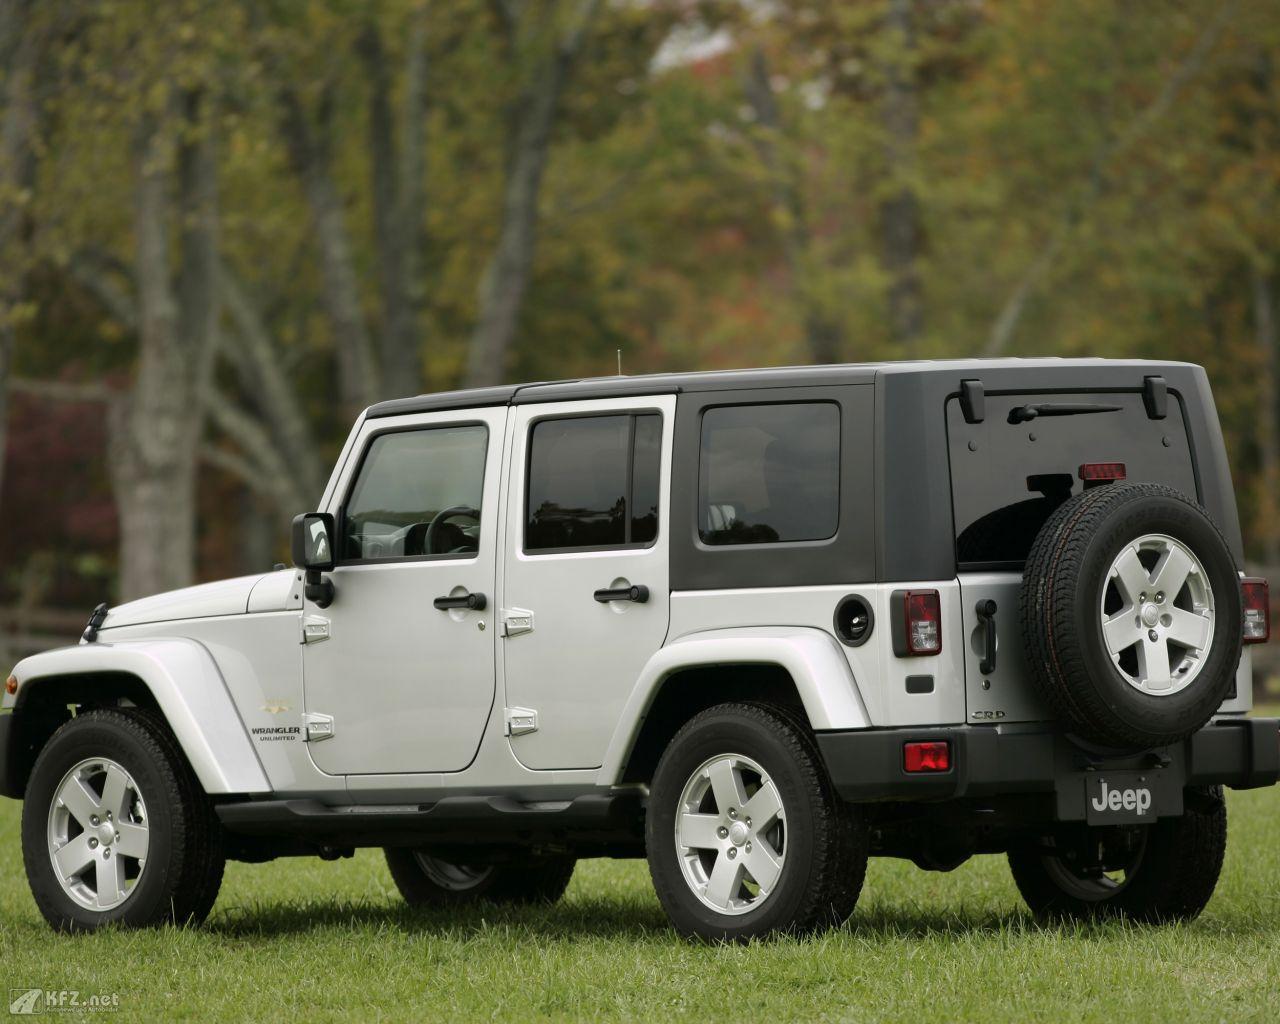 jeep-wrangler-1280x1024-17